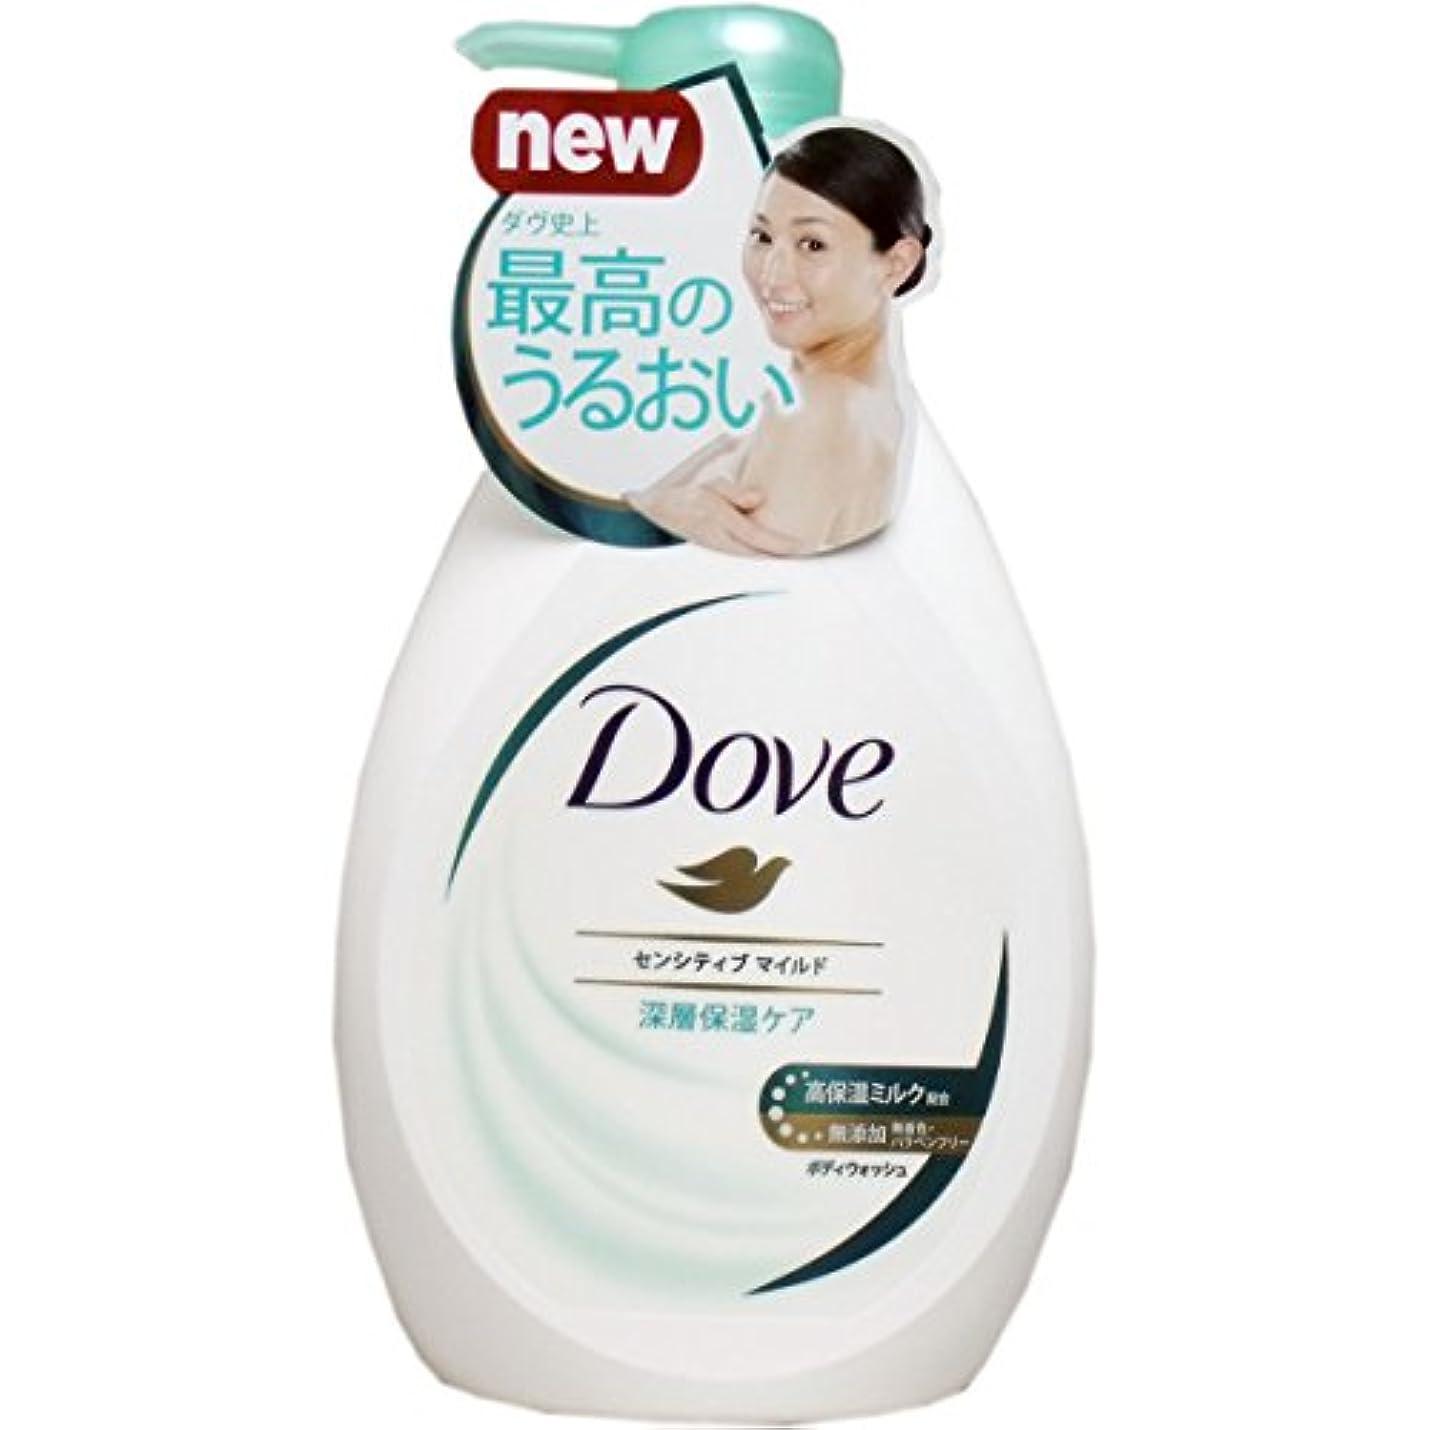 【まとめ買い】Dove ダヴ ボディウォッシュ センシティブマイルド ポンプ 500g×5個